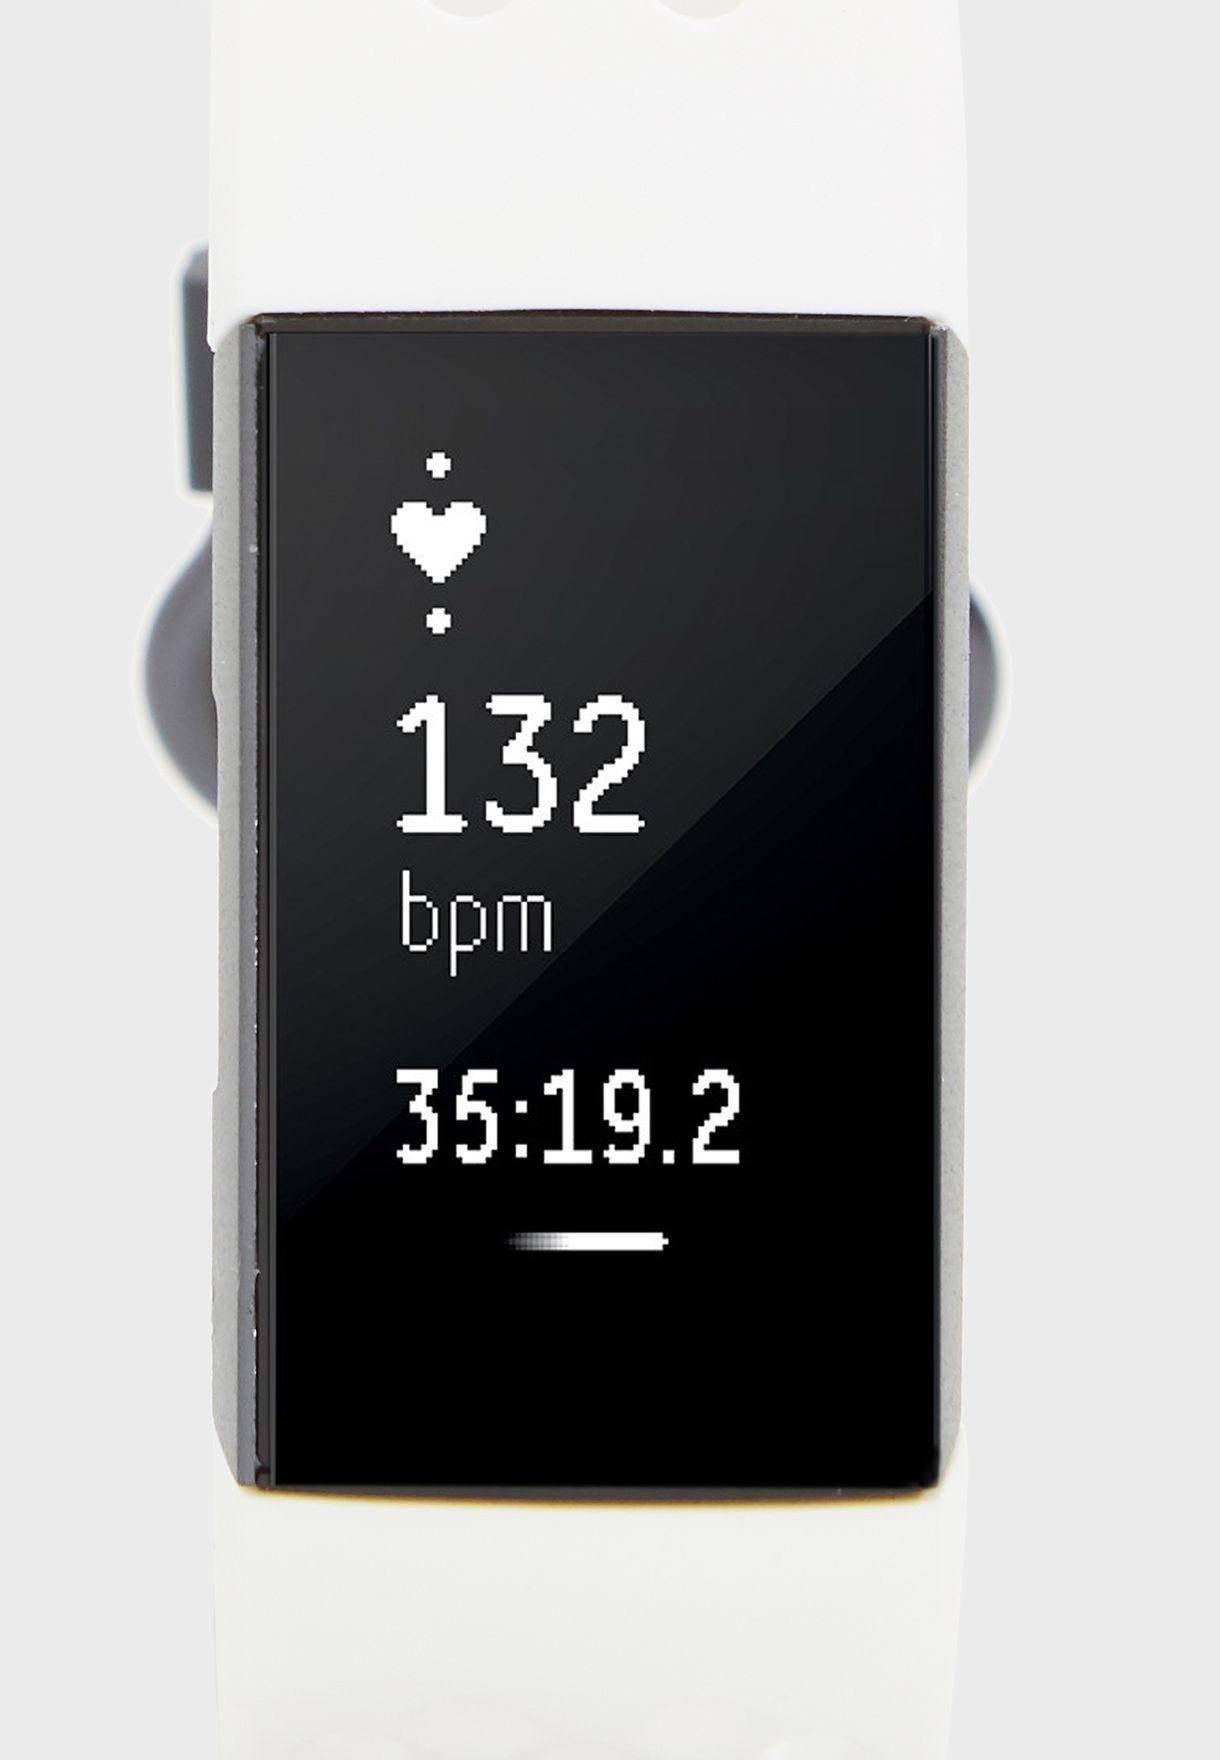 ساعة ذكية تشارج 3 اصدار خاص